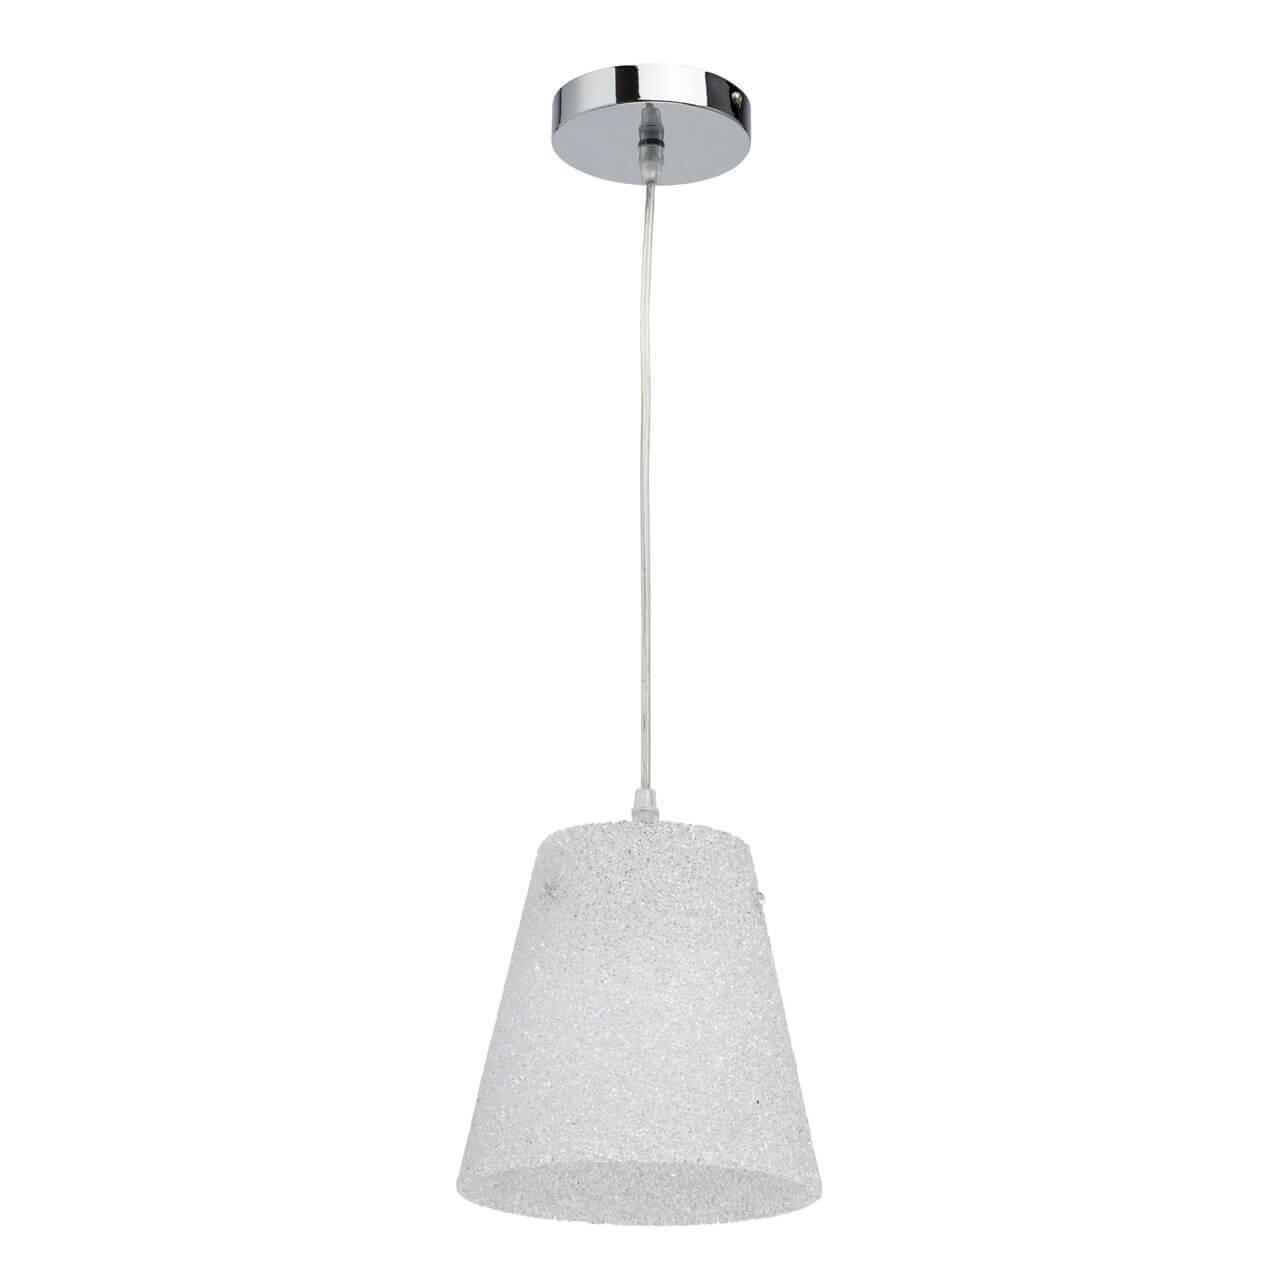 Подвесной светильник De Markt 703010601, E27, 60 Вт regenbogen life подвесной светильник перегрина